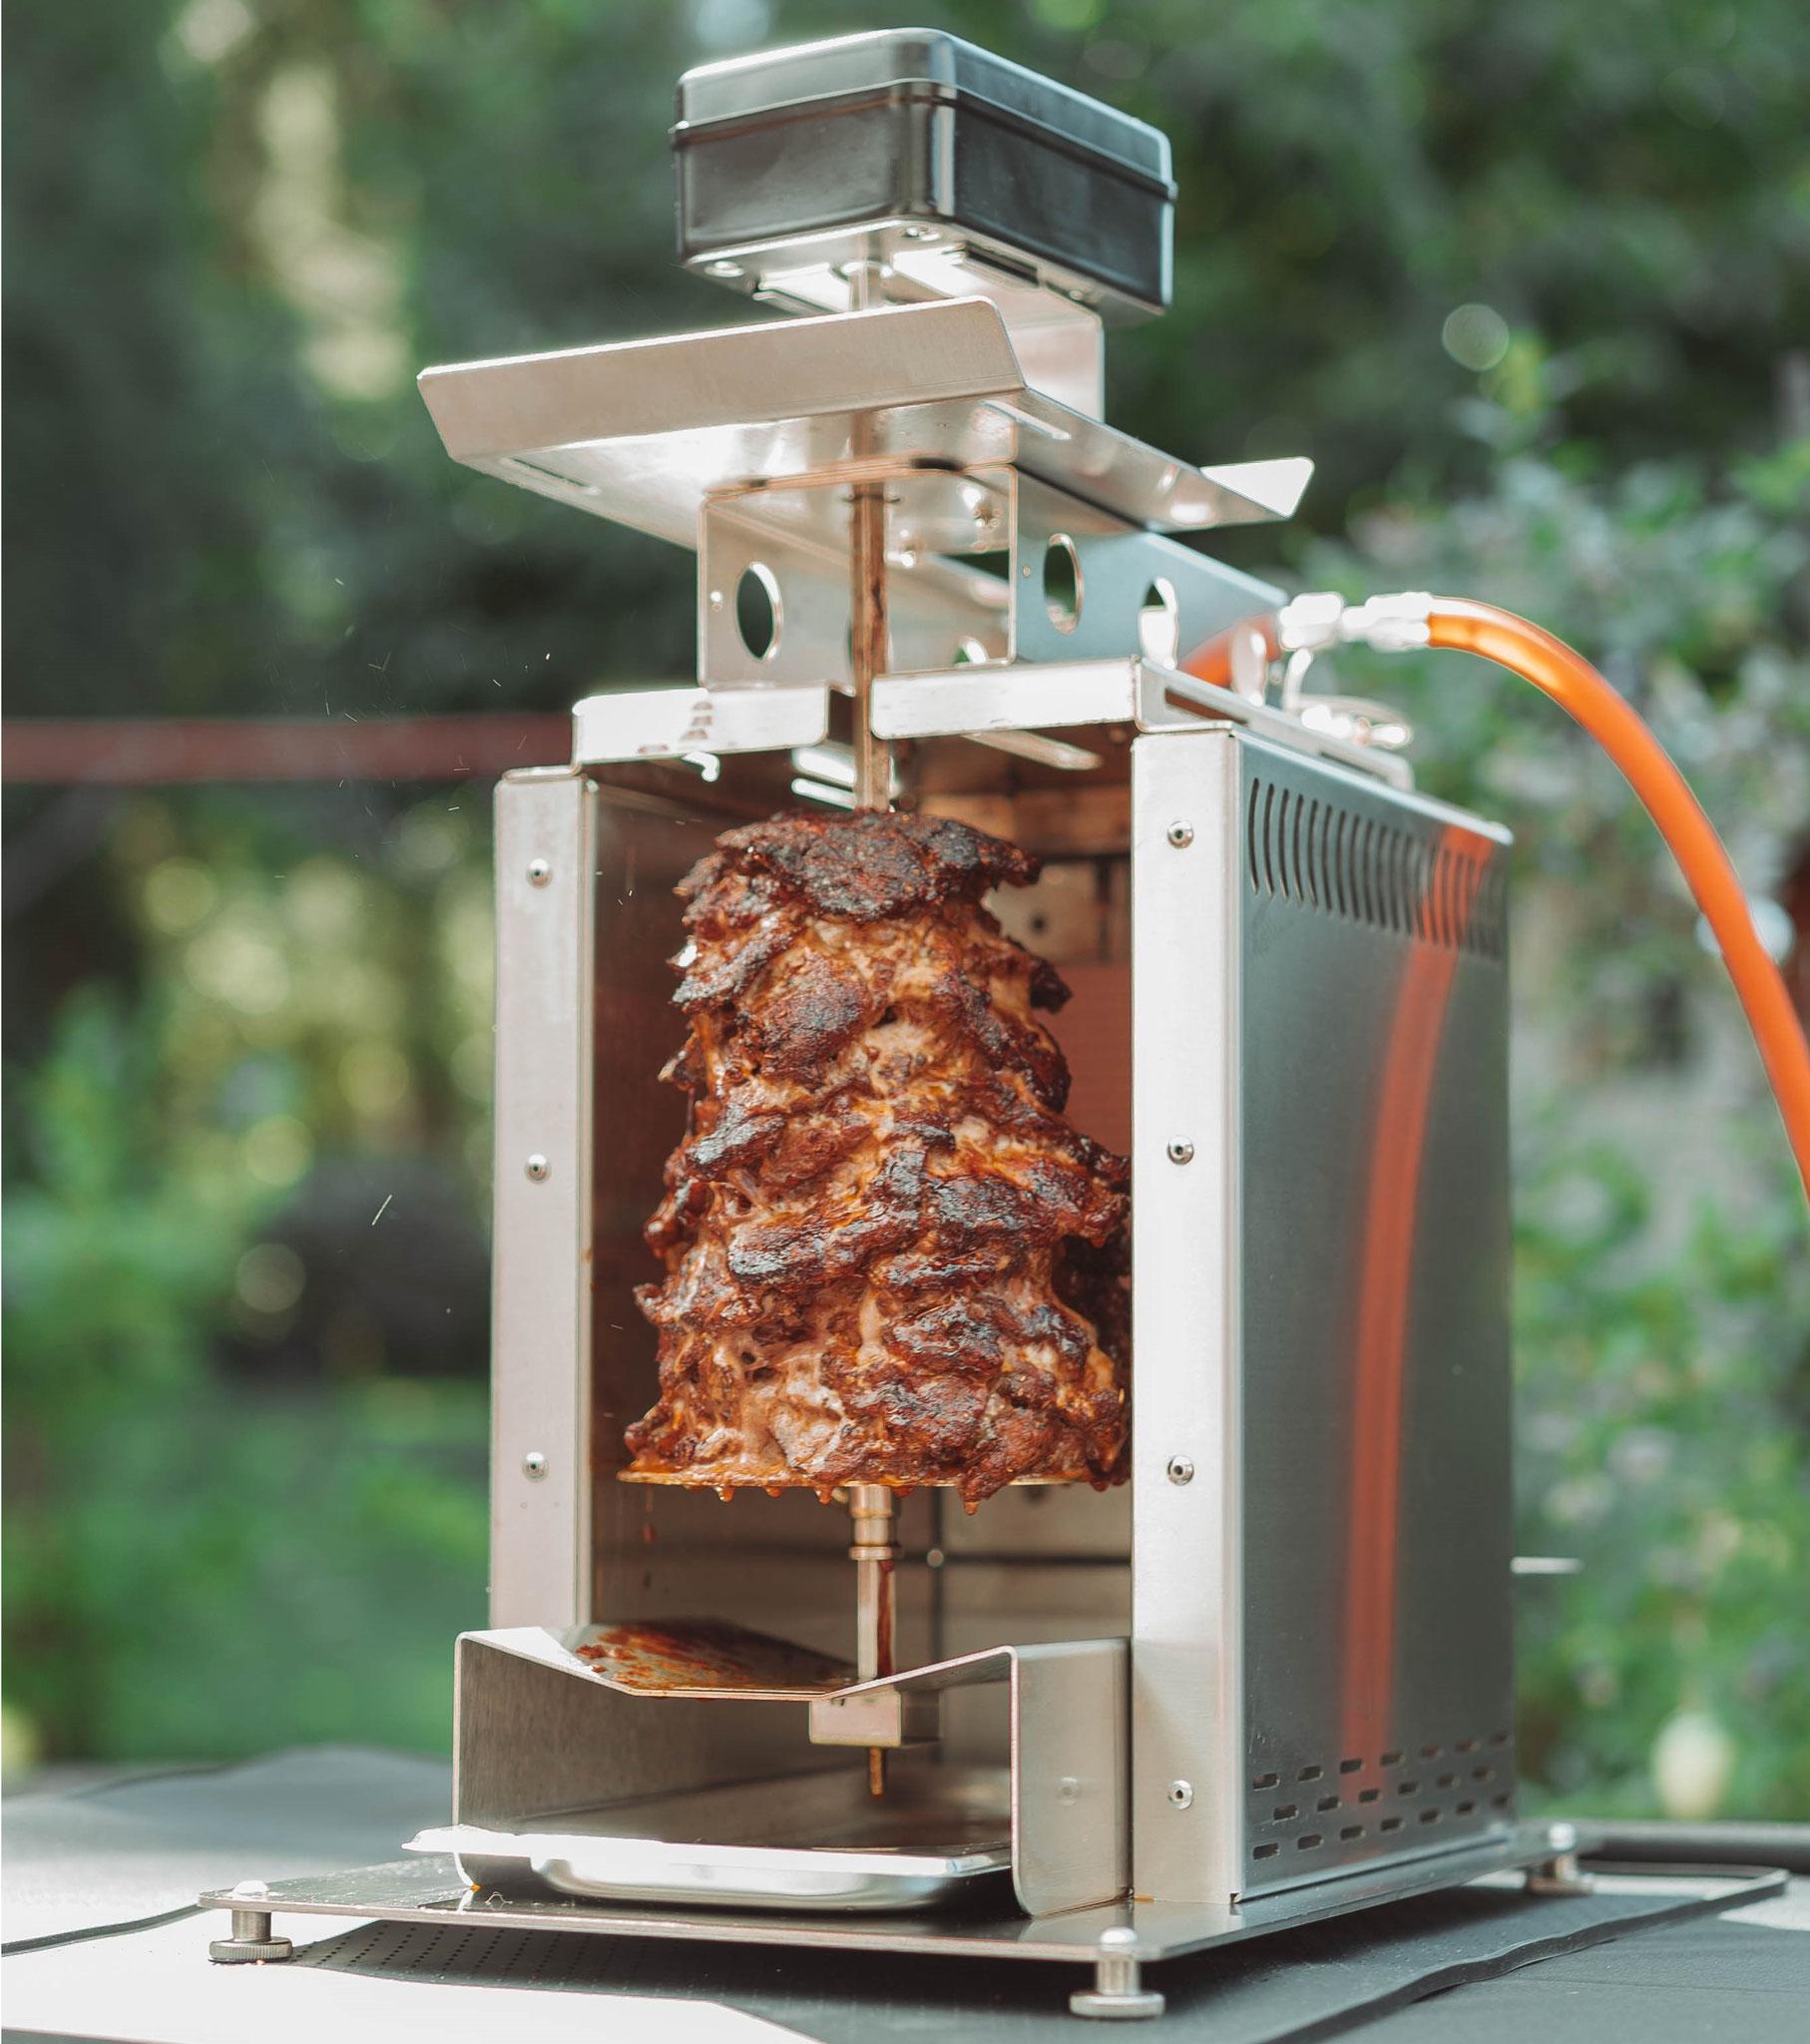 Obehitzegrill BBQ Burner Deluxe umgebaut mit Vertikal-Spieß ideal für z.B. Gyros oder Spießbraten